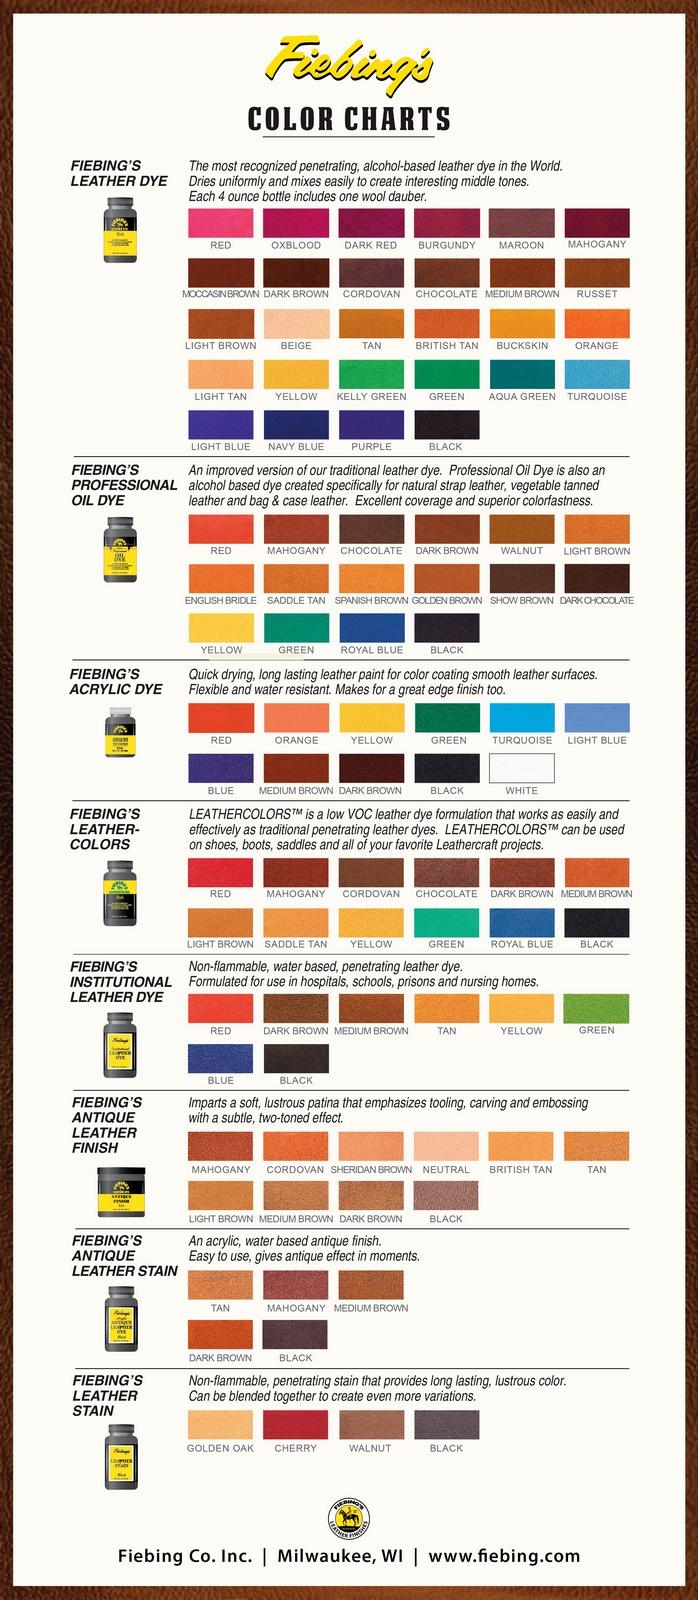 fiebings-color-chart-1600-res.jpg